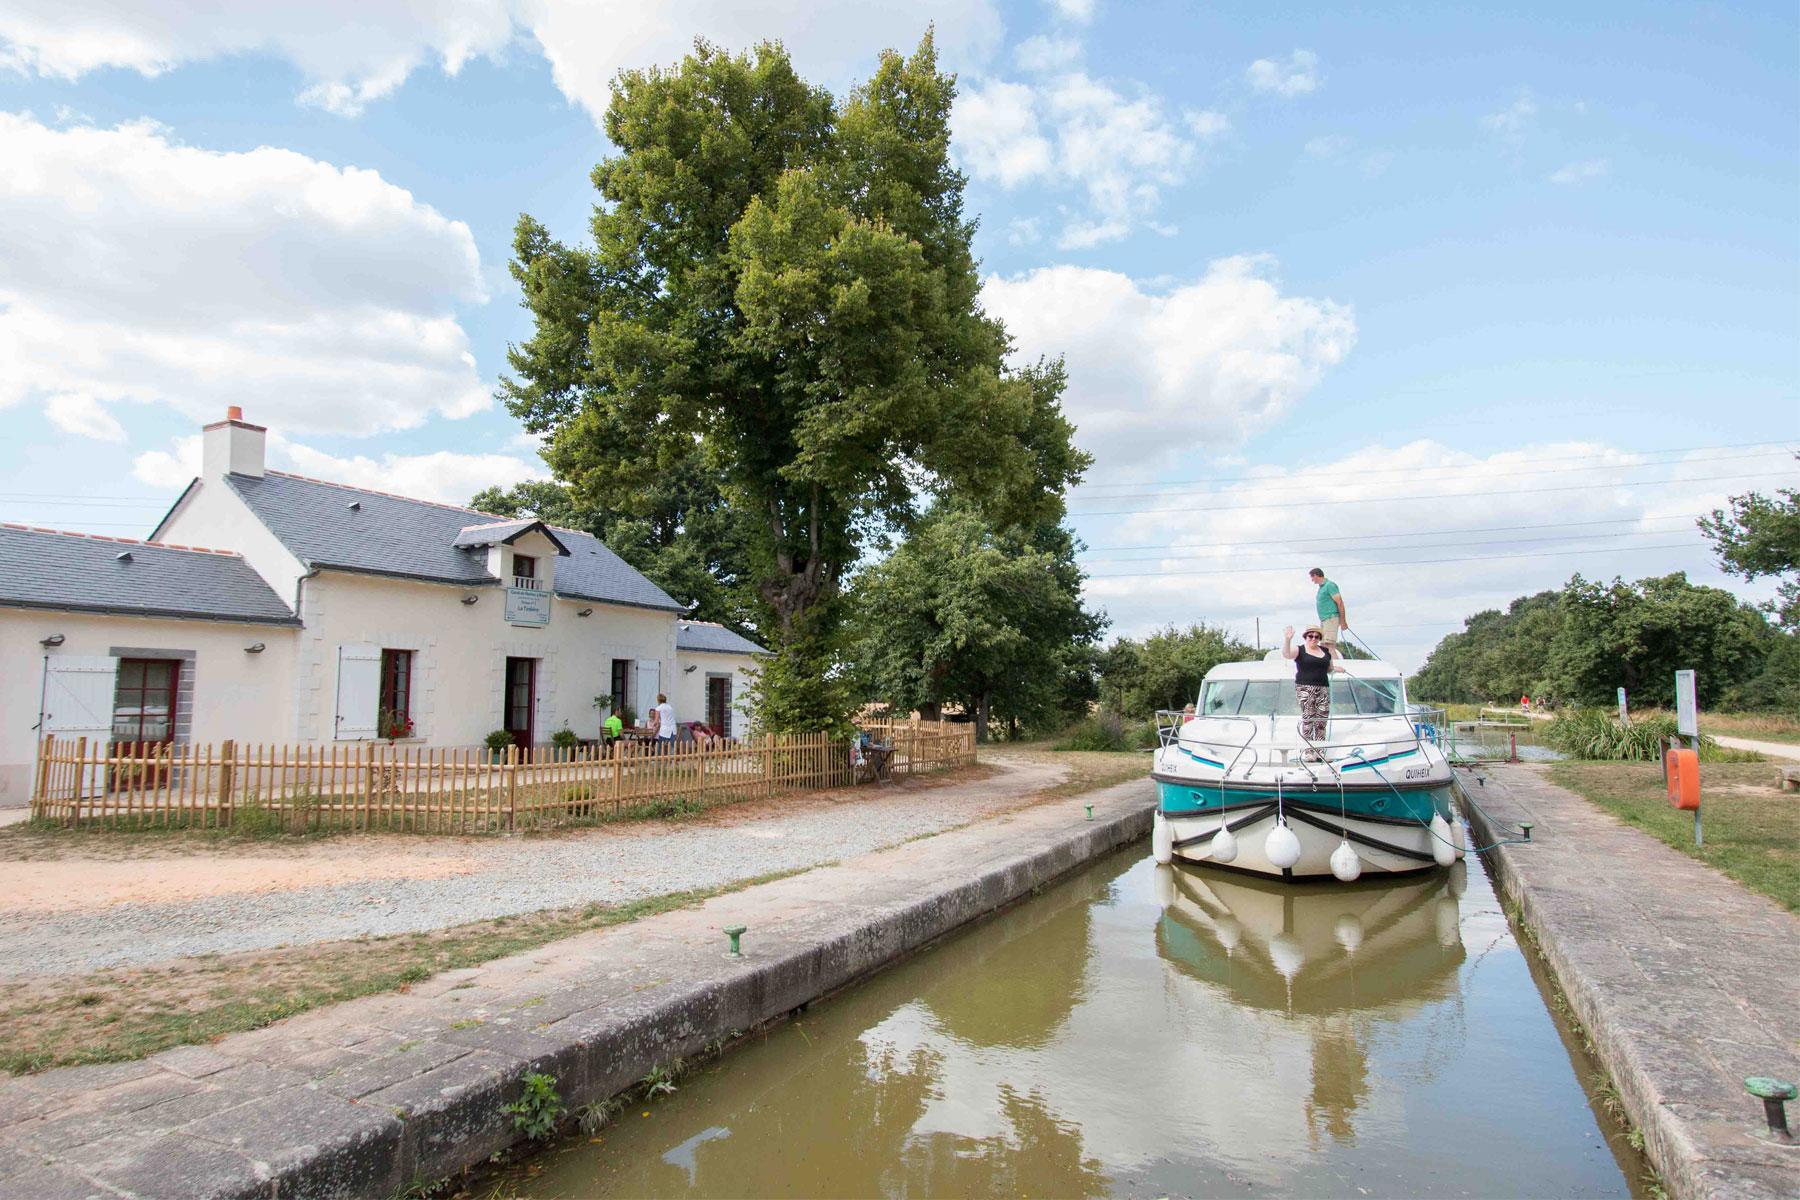 Les touristes en bateau sur le canal entre Blain et Redon